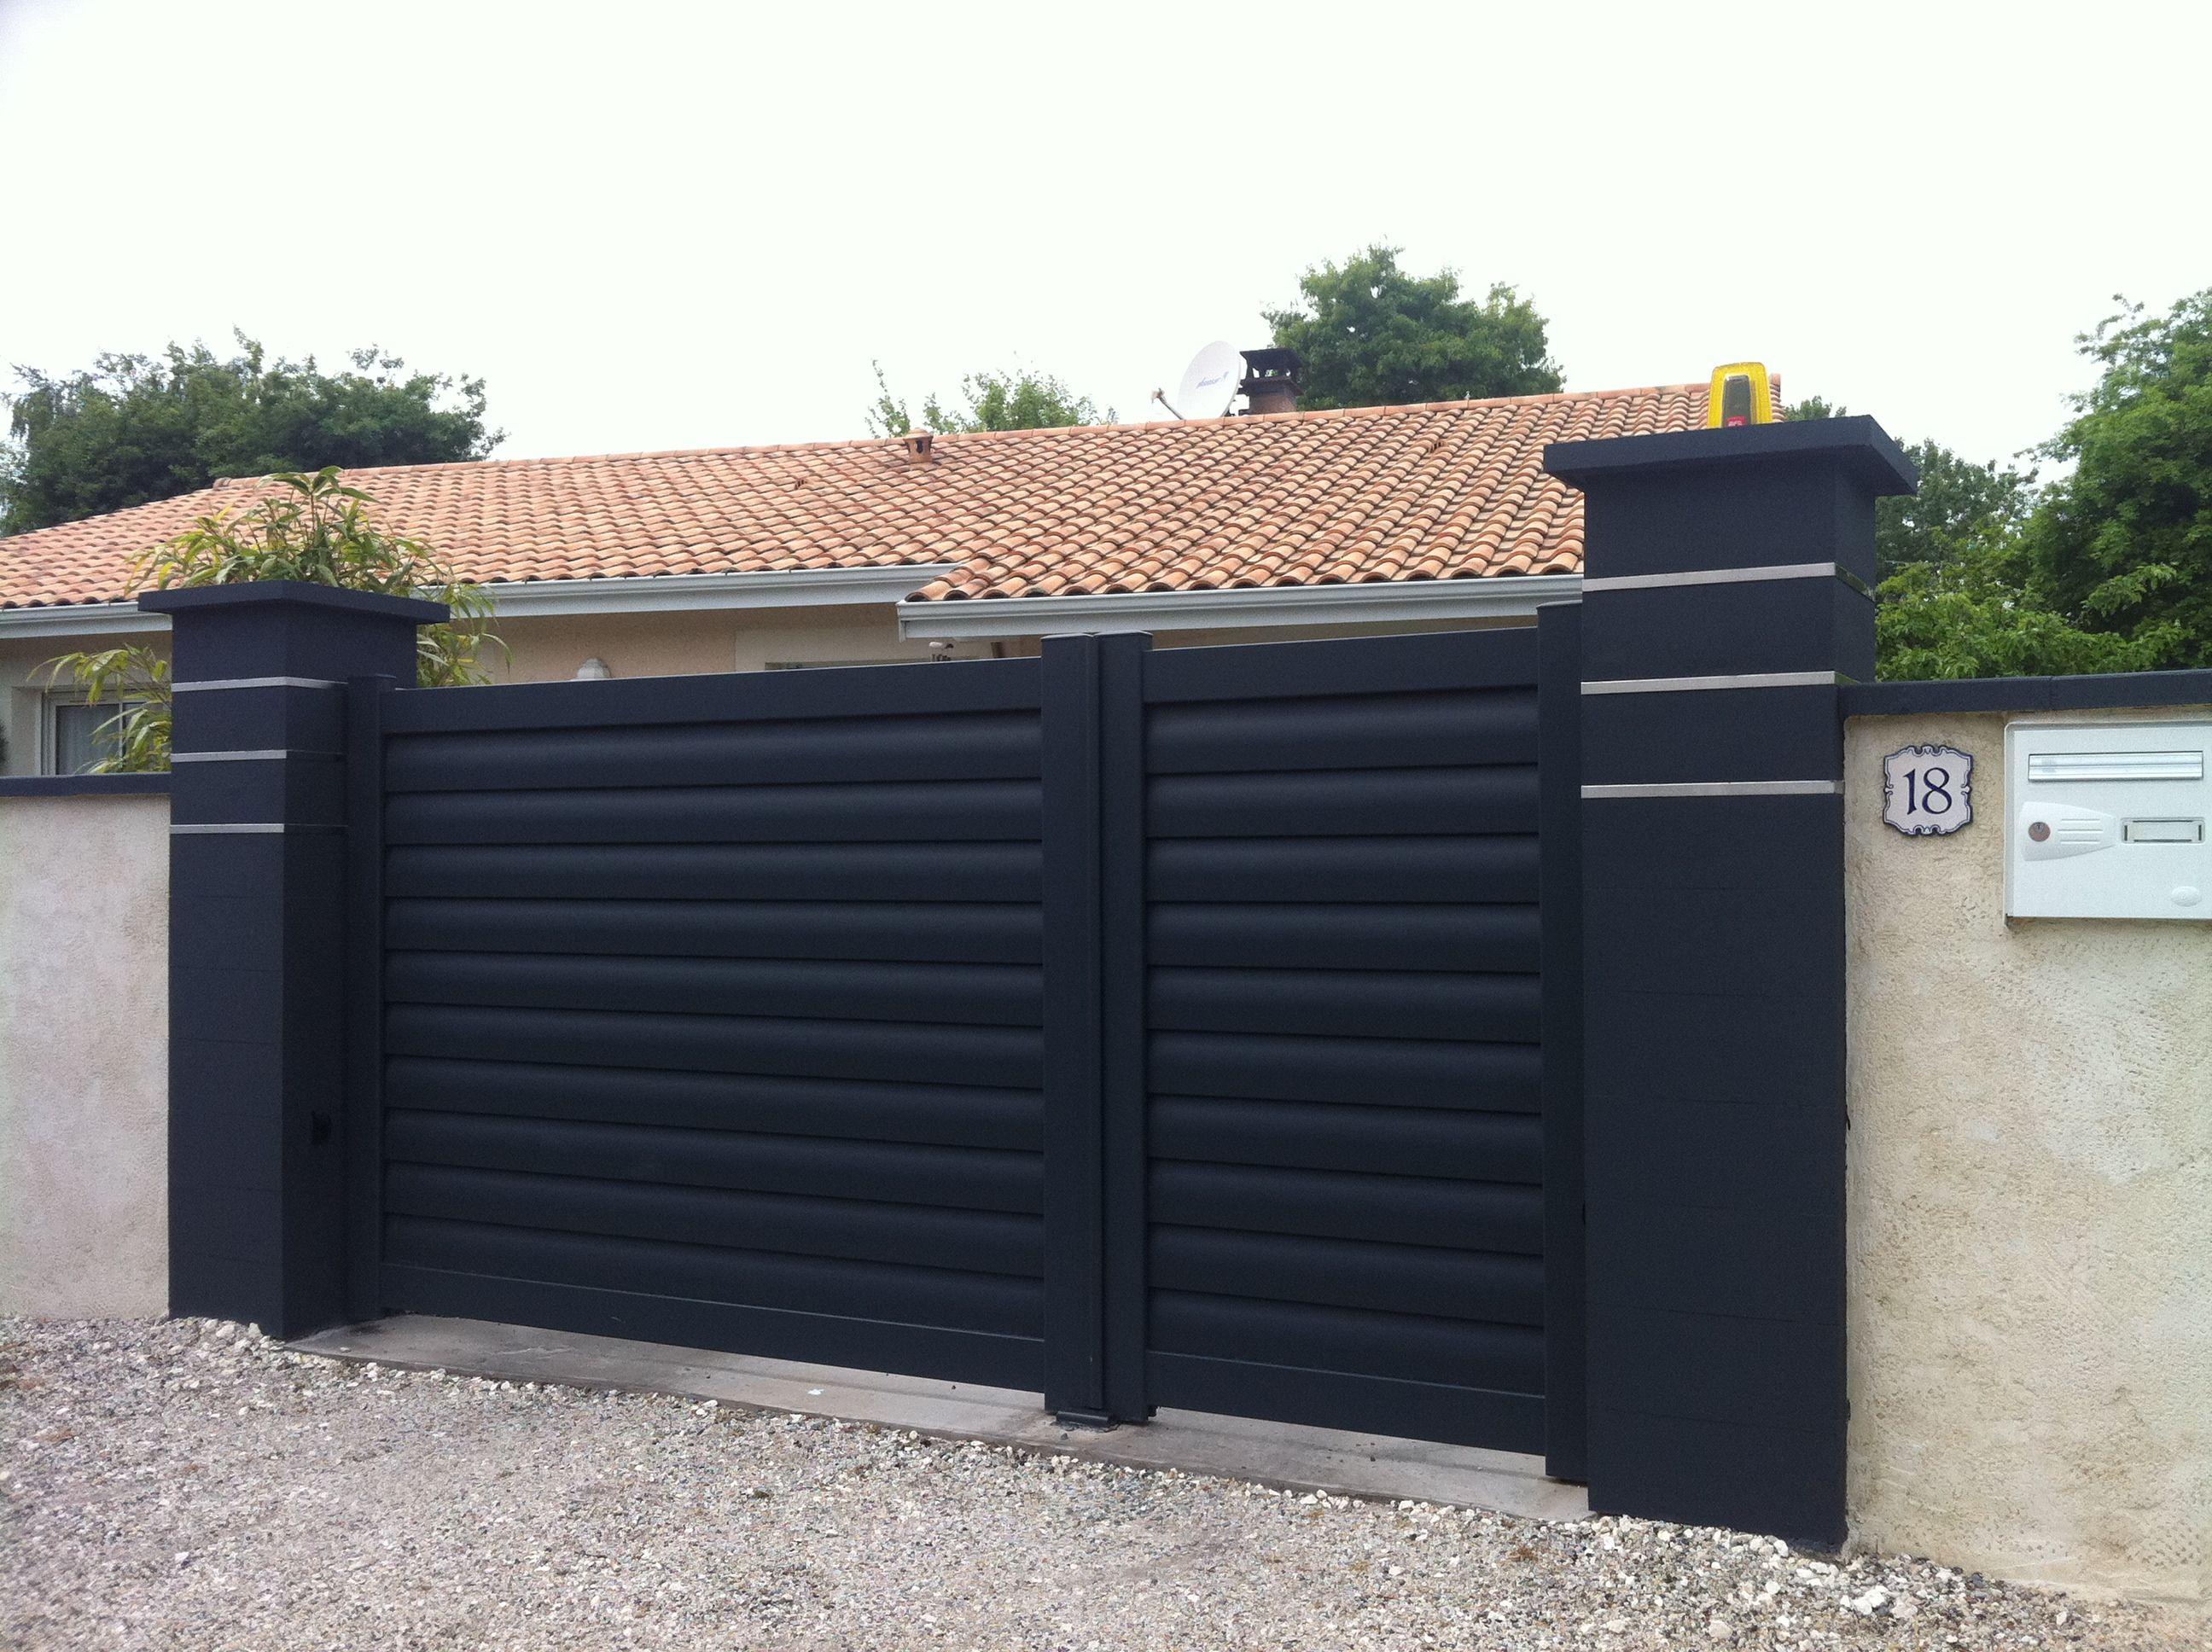 Portail aluminium plein mod le optimist option deux vantaux in gaux 1 3 am nagmts - Portail maison moderne ...